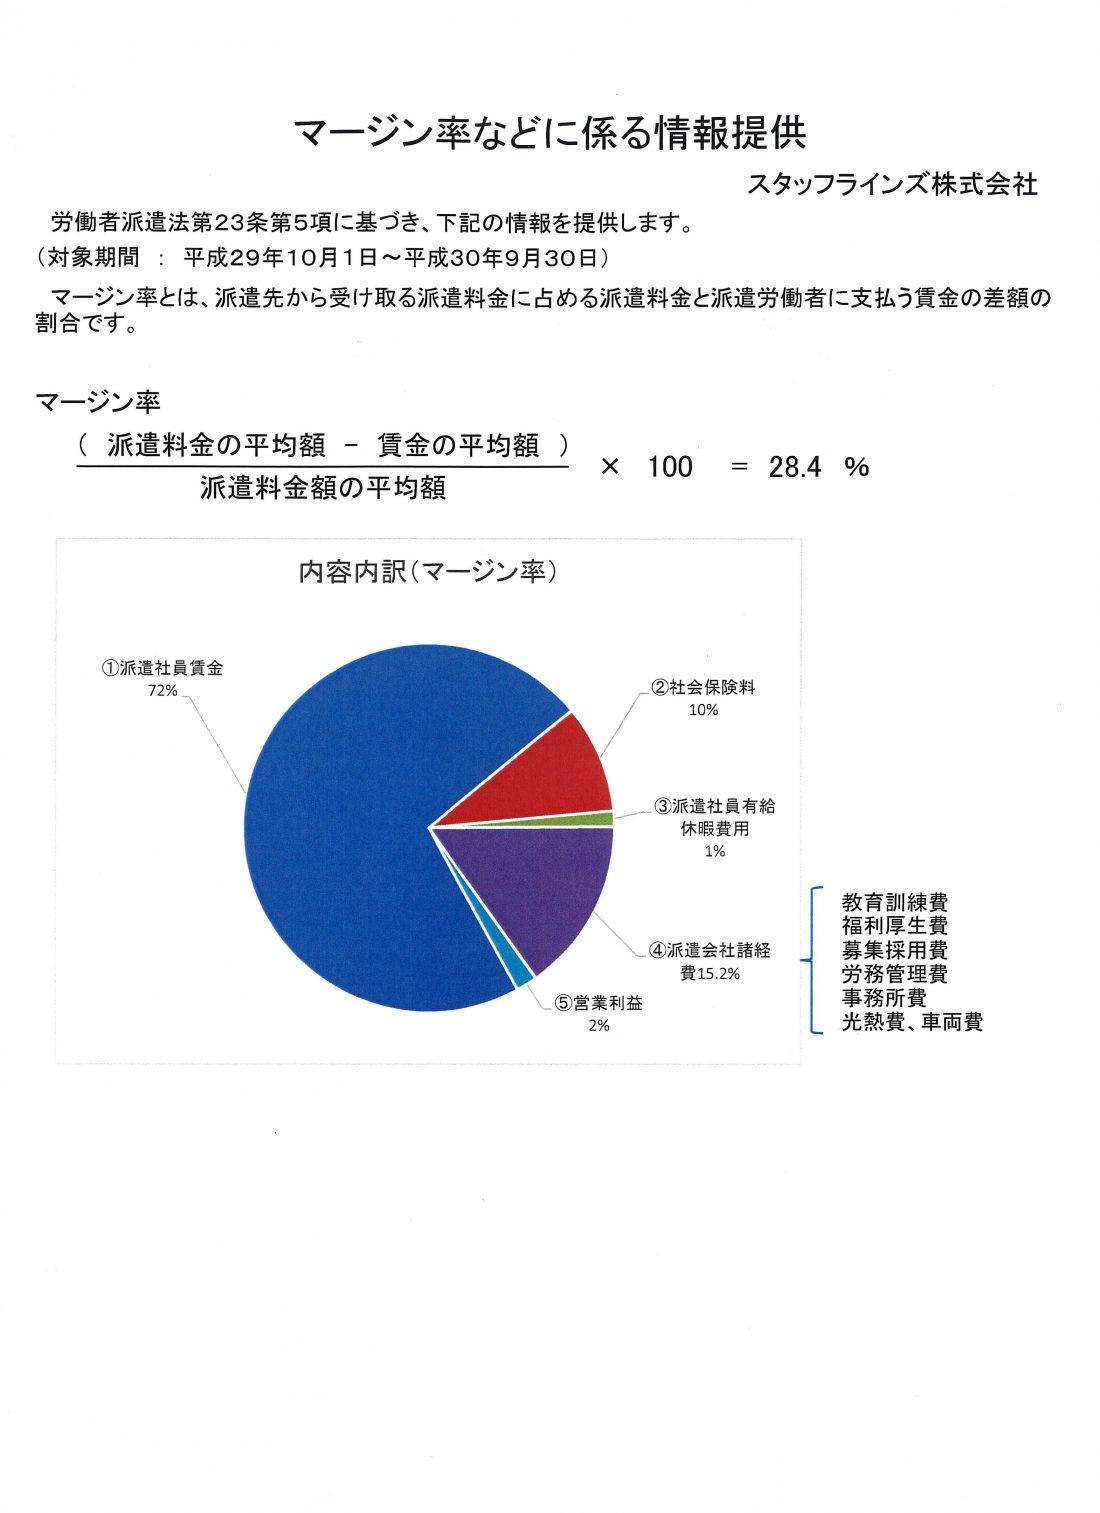 マージン率などにかかる情報提供<small>(平成29年10月~平成30年9月)</small>